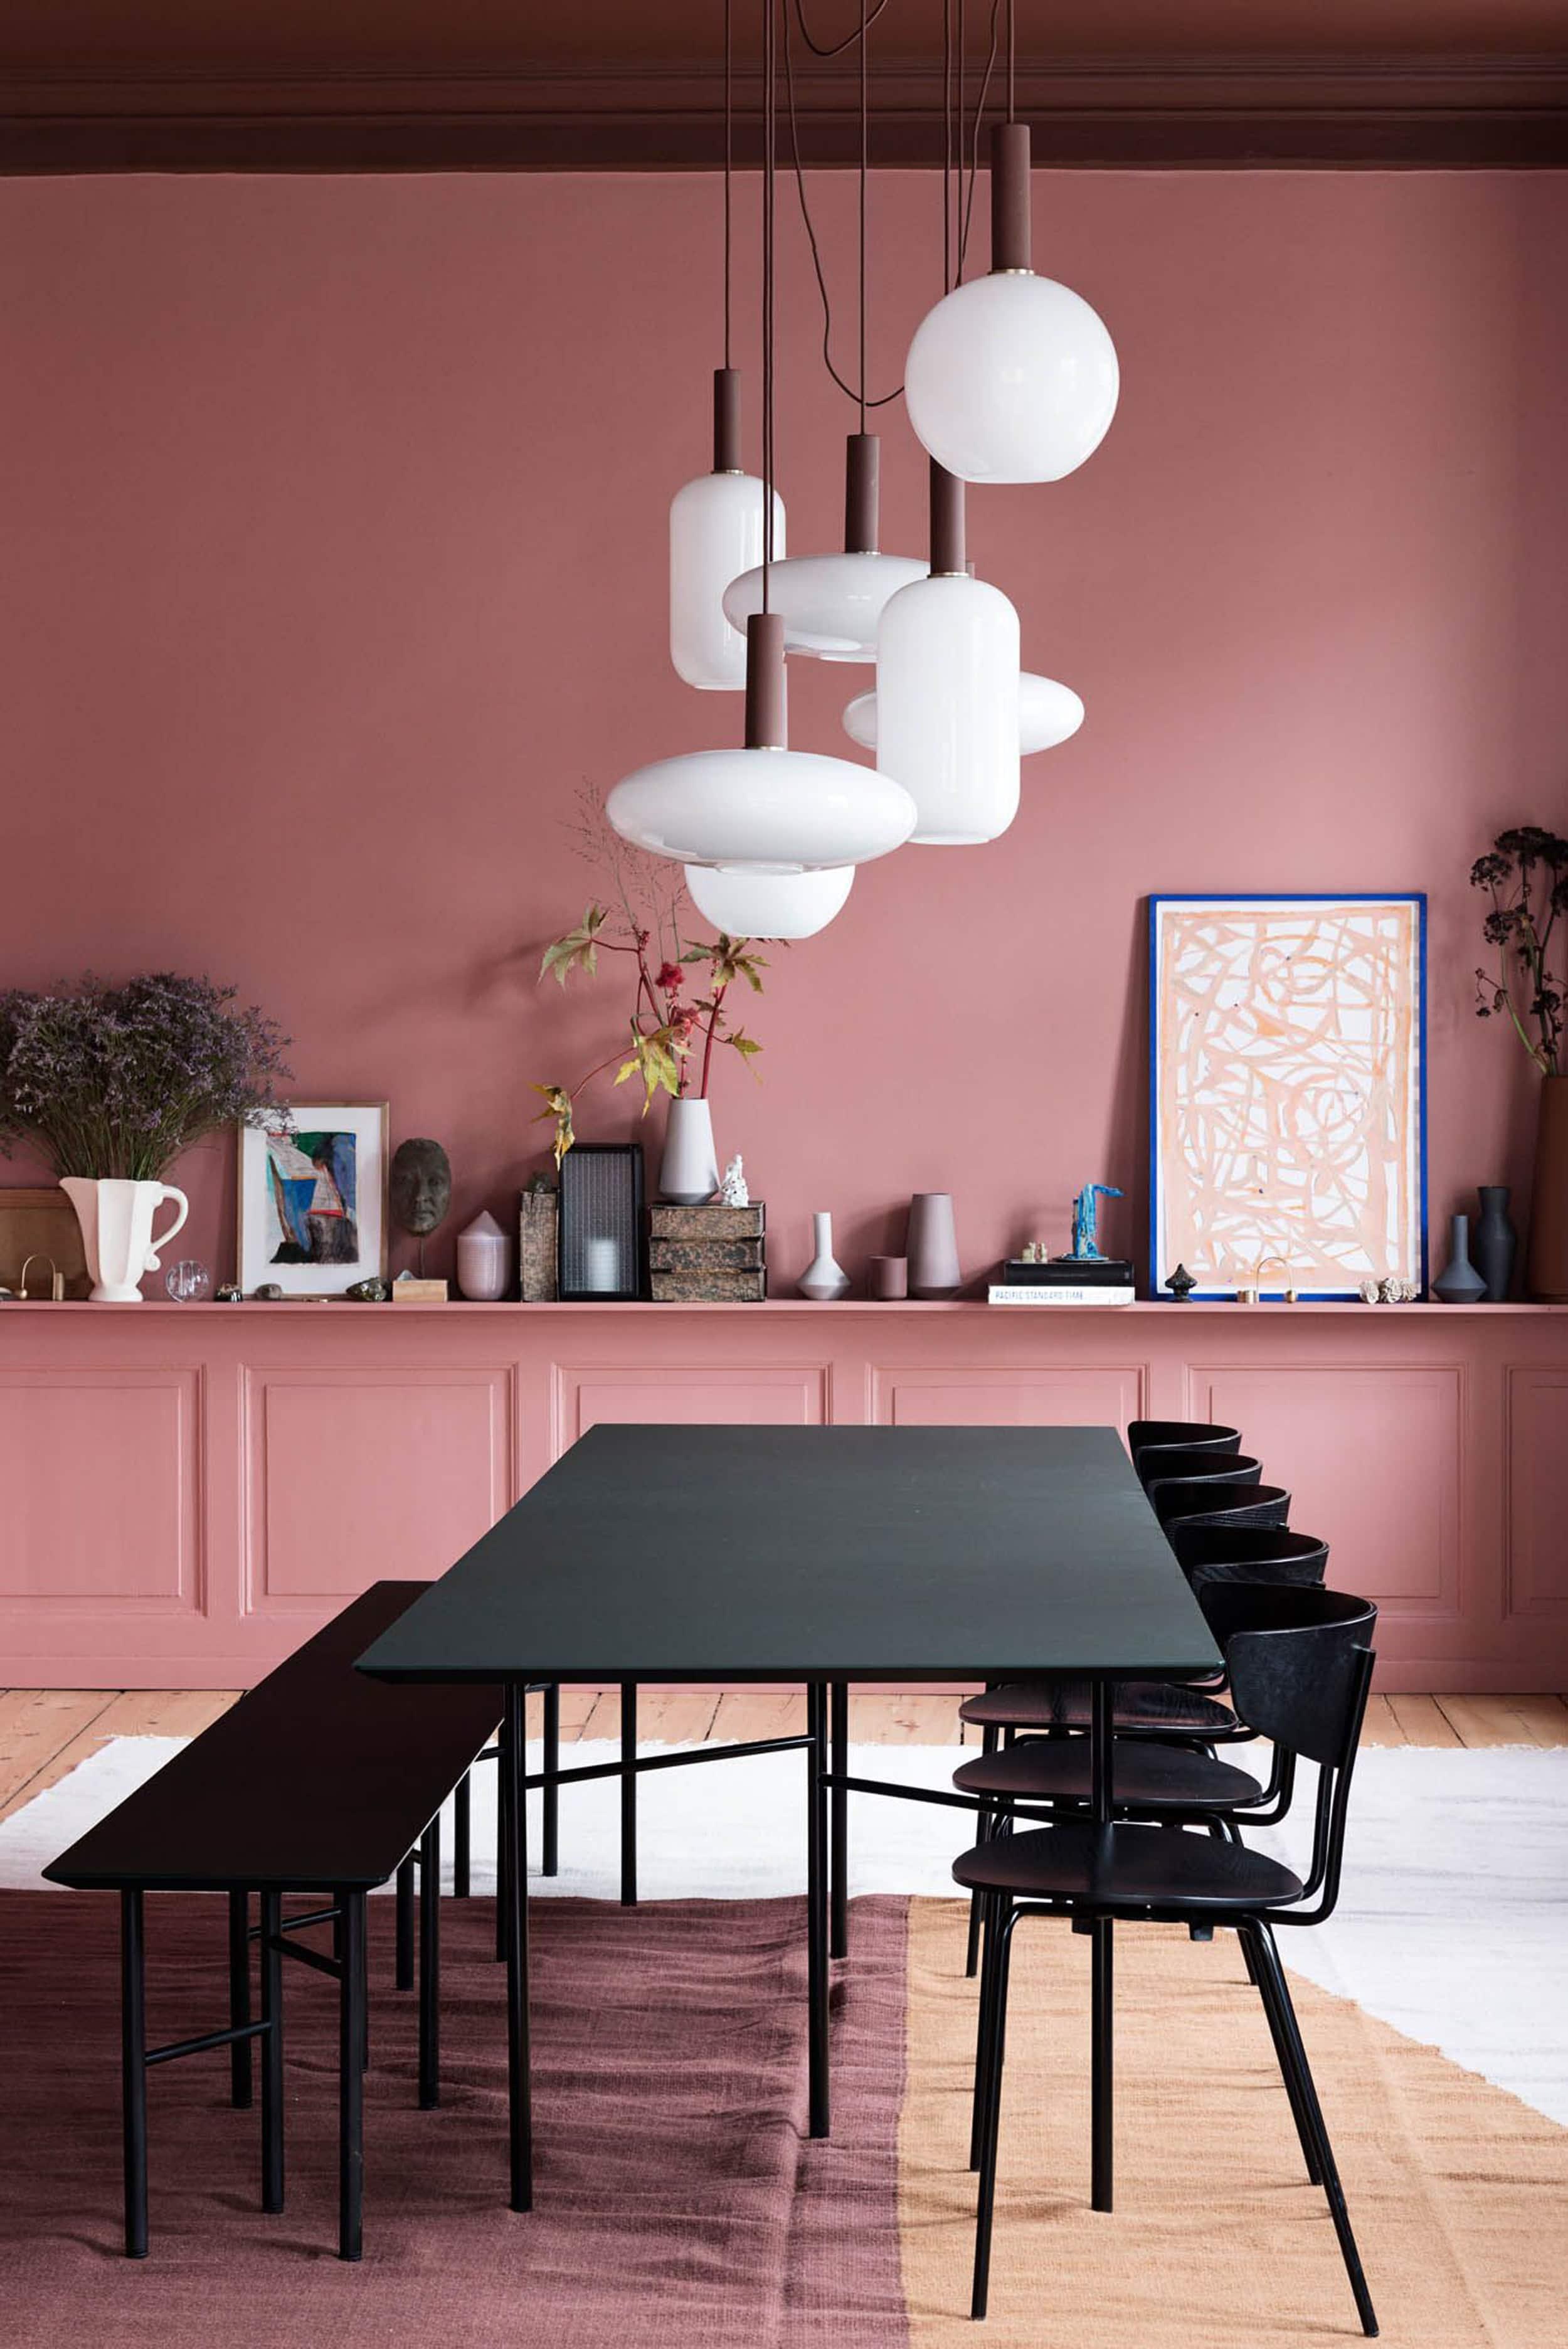 suspension salle a manger contraste murs couleurs